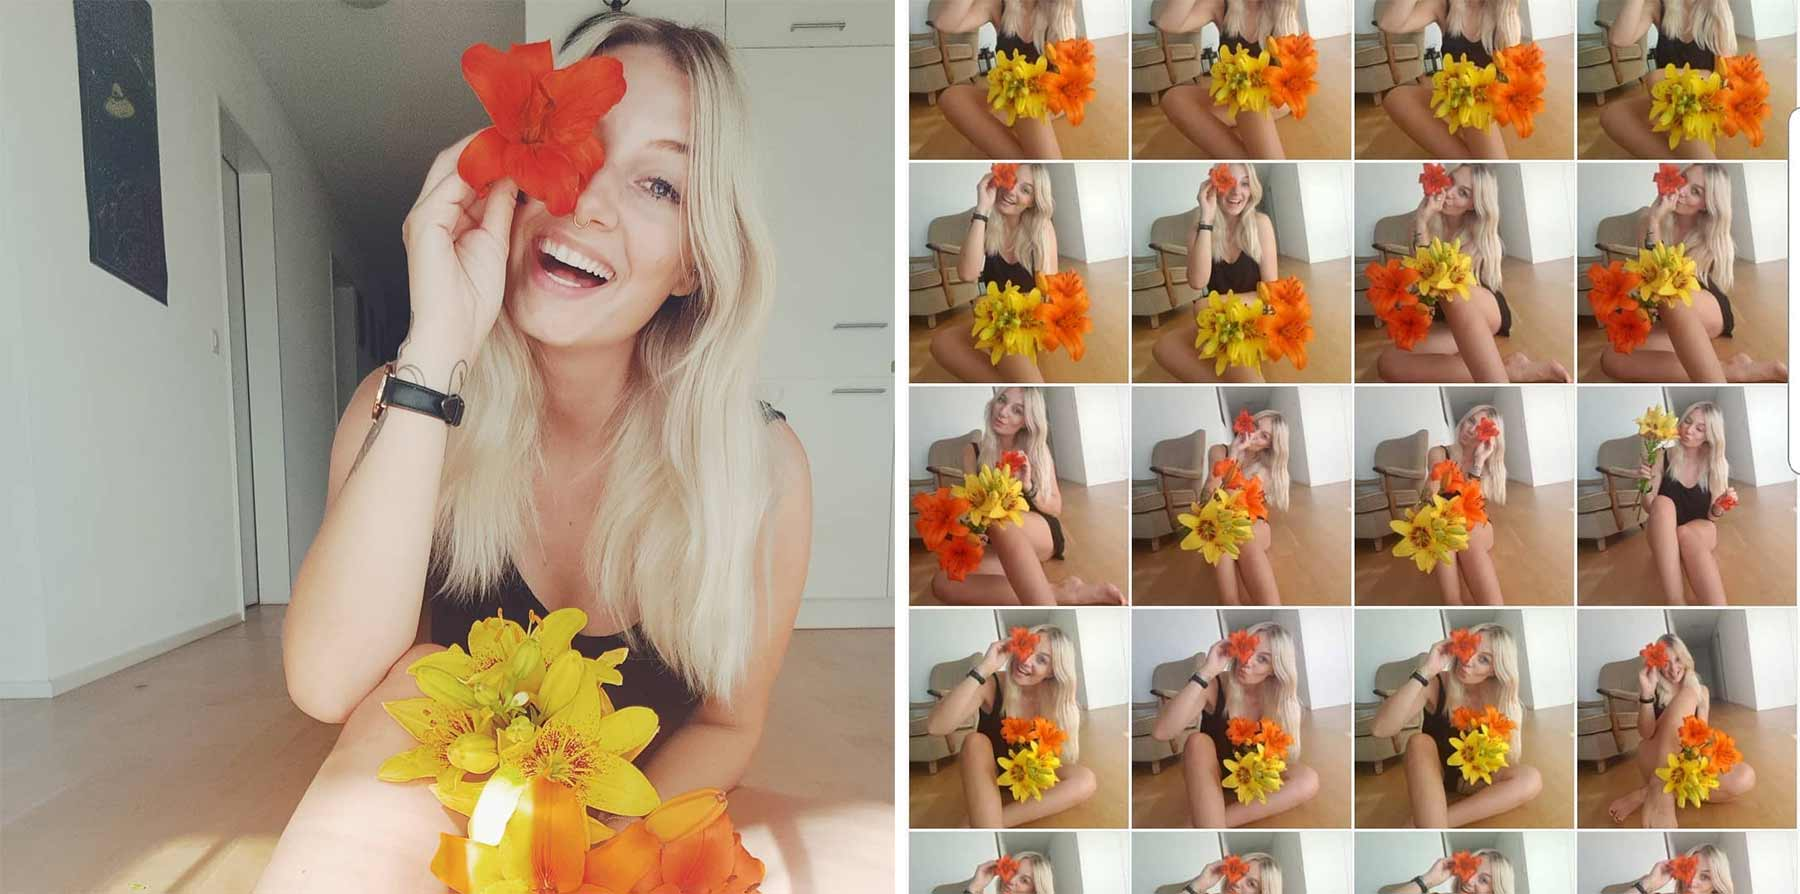 Instagram vs. echtes Leben instagram-vs-realitaet-Kim-Britt_07